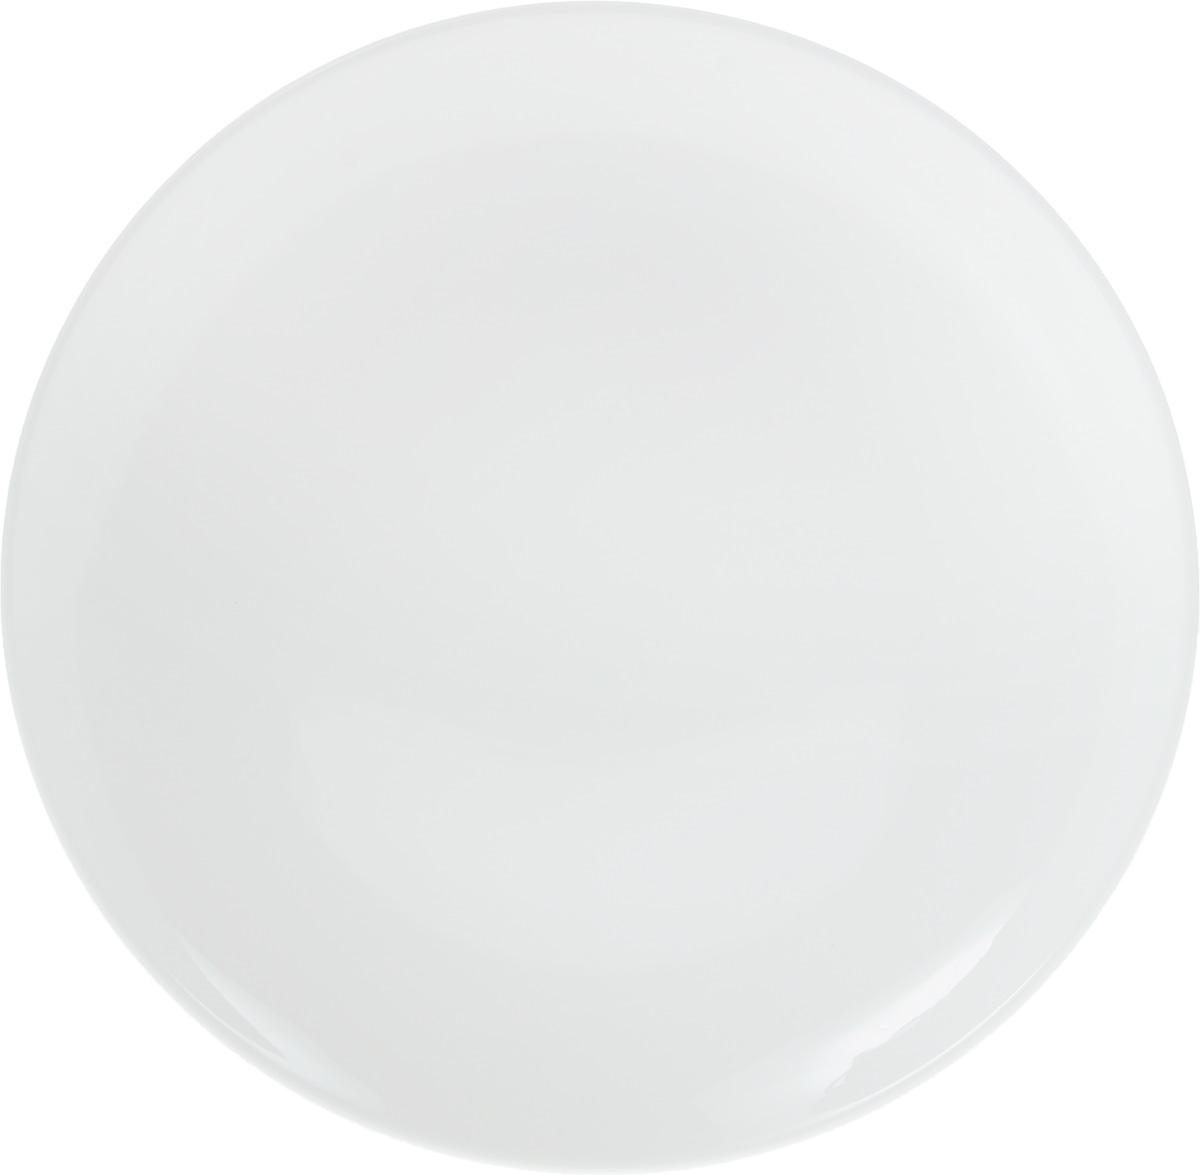 Блюдо Wilmax, диаметр 30,5 см. WL-991024 / AWL-991024 / AОригинальное блюдо Wilmax, изготовленное из высококачественного фарфора, прекрасно подойдет для подачи нарезок, закусок и других блюд. Оно украсит ваш кухонный стол, а также станет замечательным подарком к любому празднику.